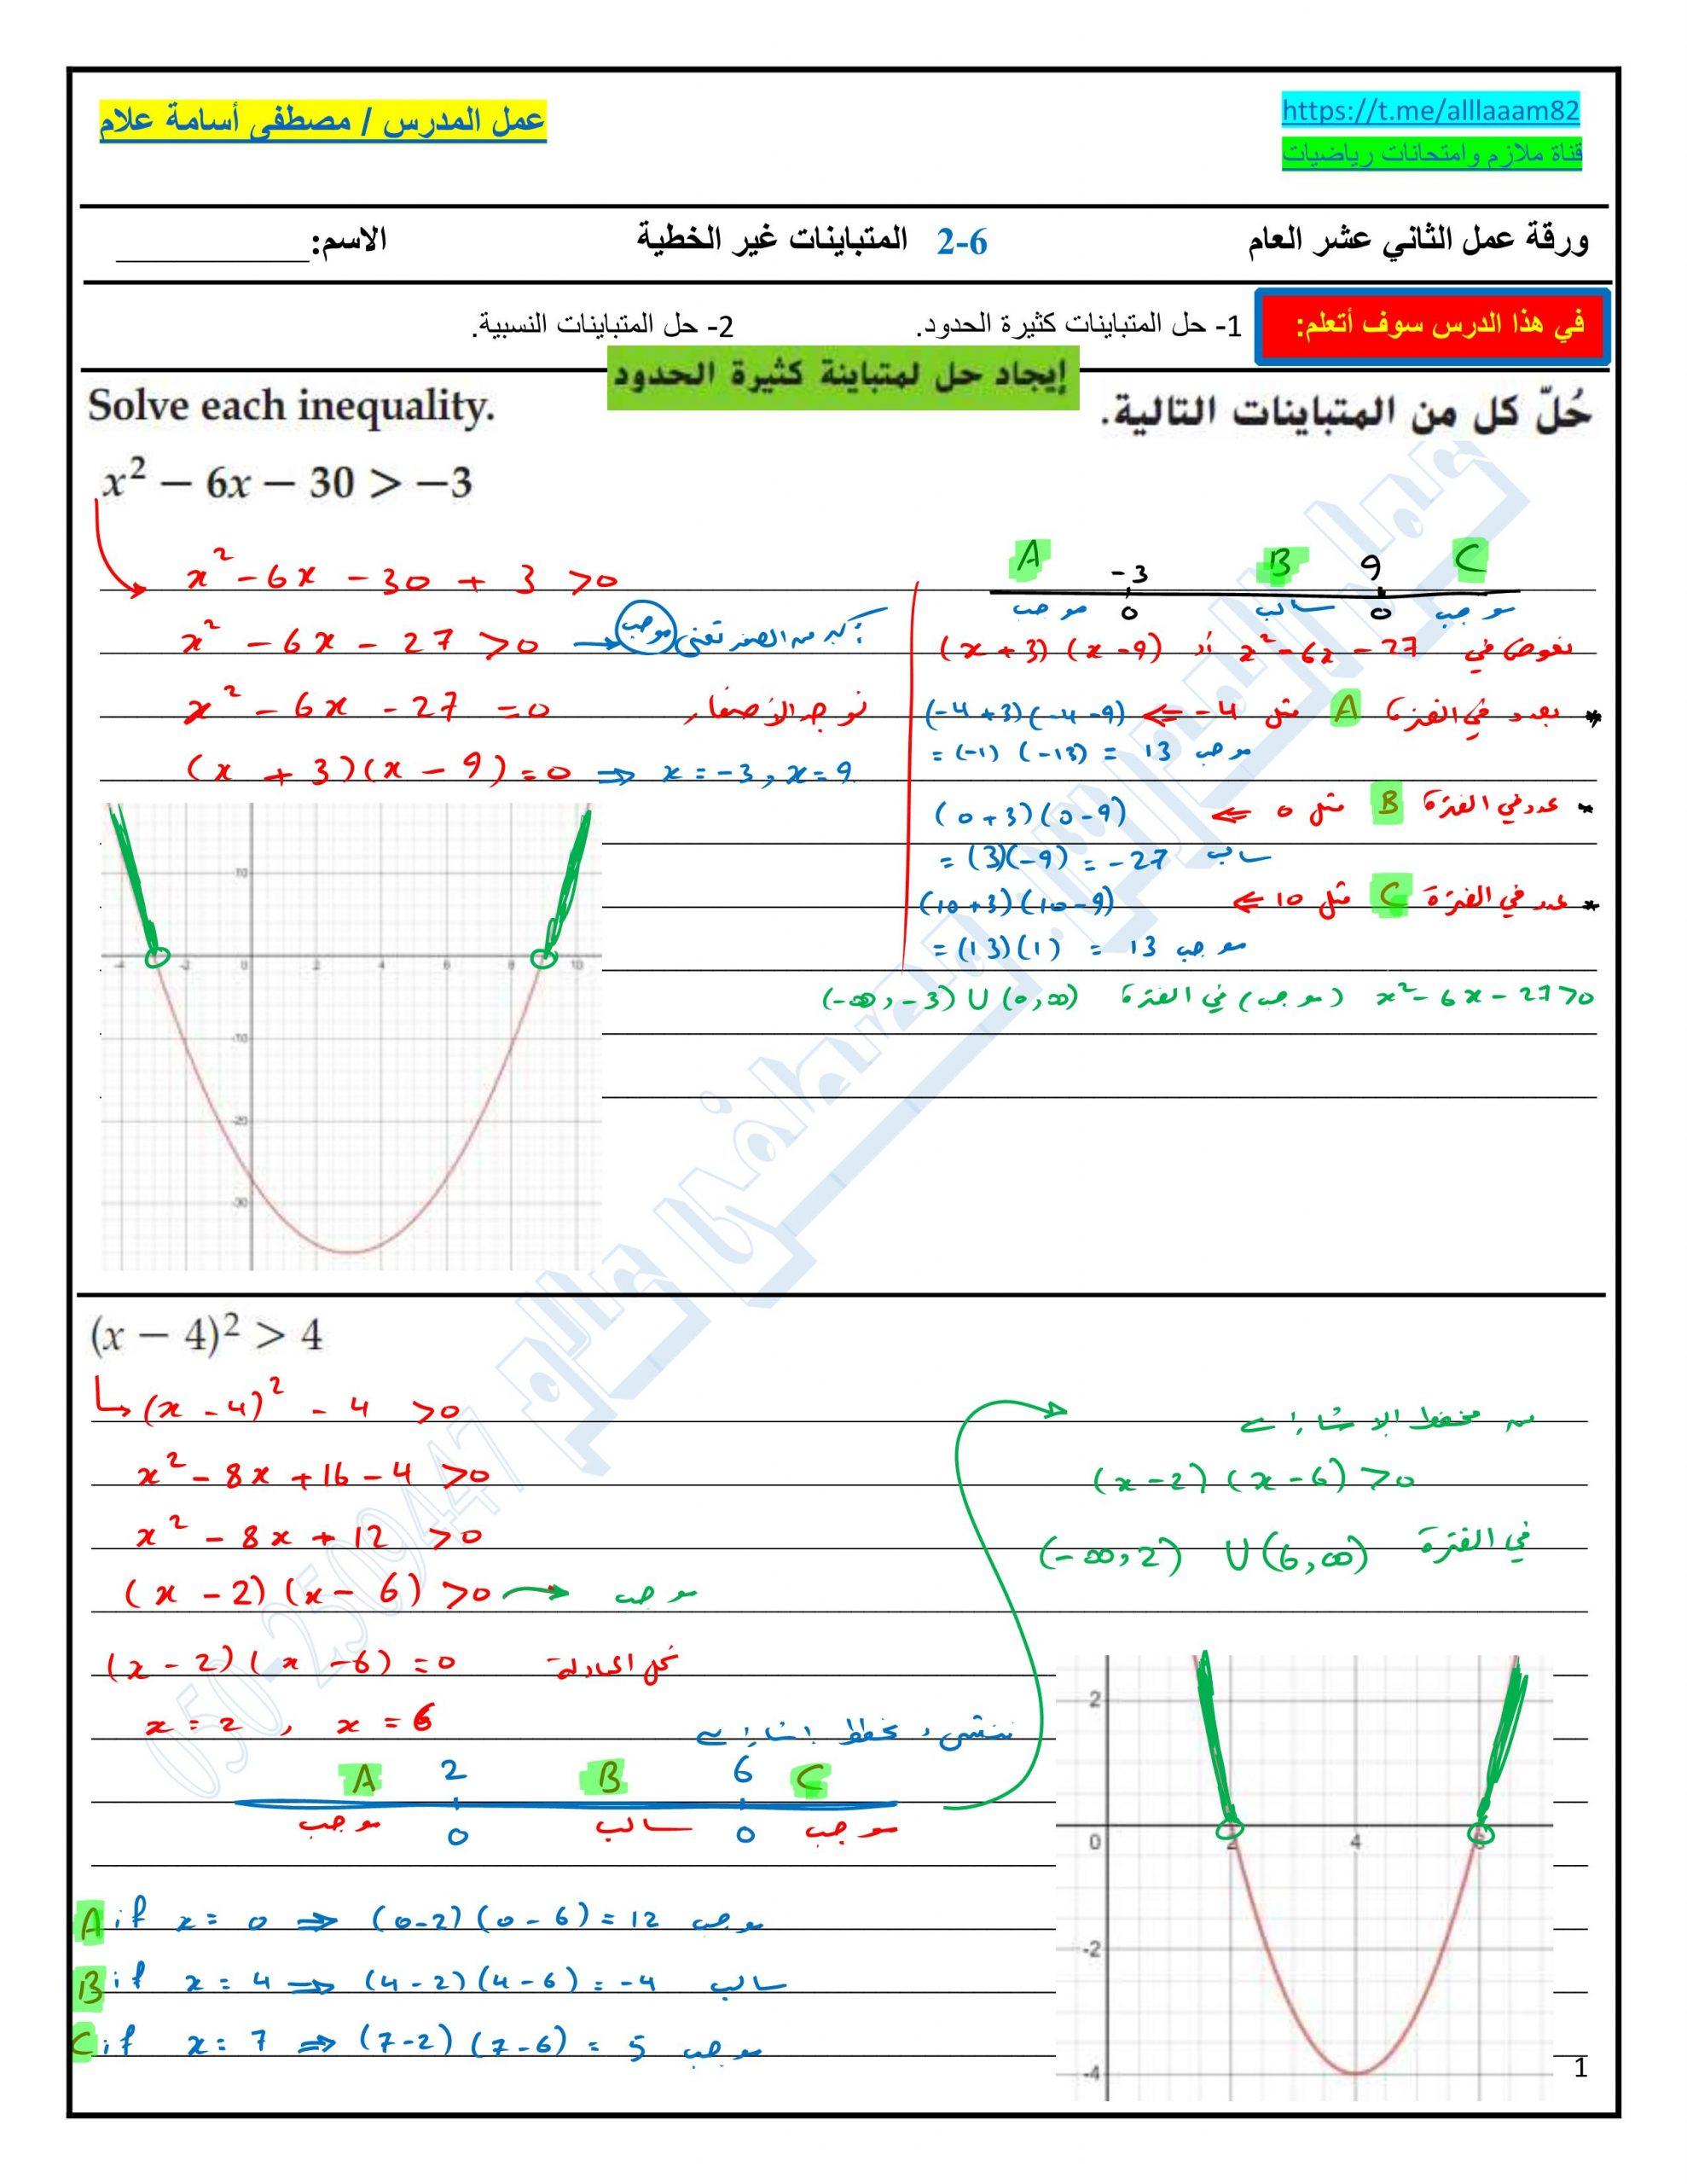 اوراق عمل المتباينات غير الخطية للصف الثاني عشر عام مادة الرياضيات المتكاملة